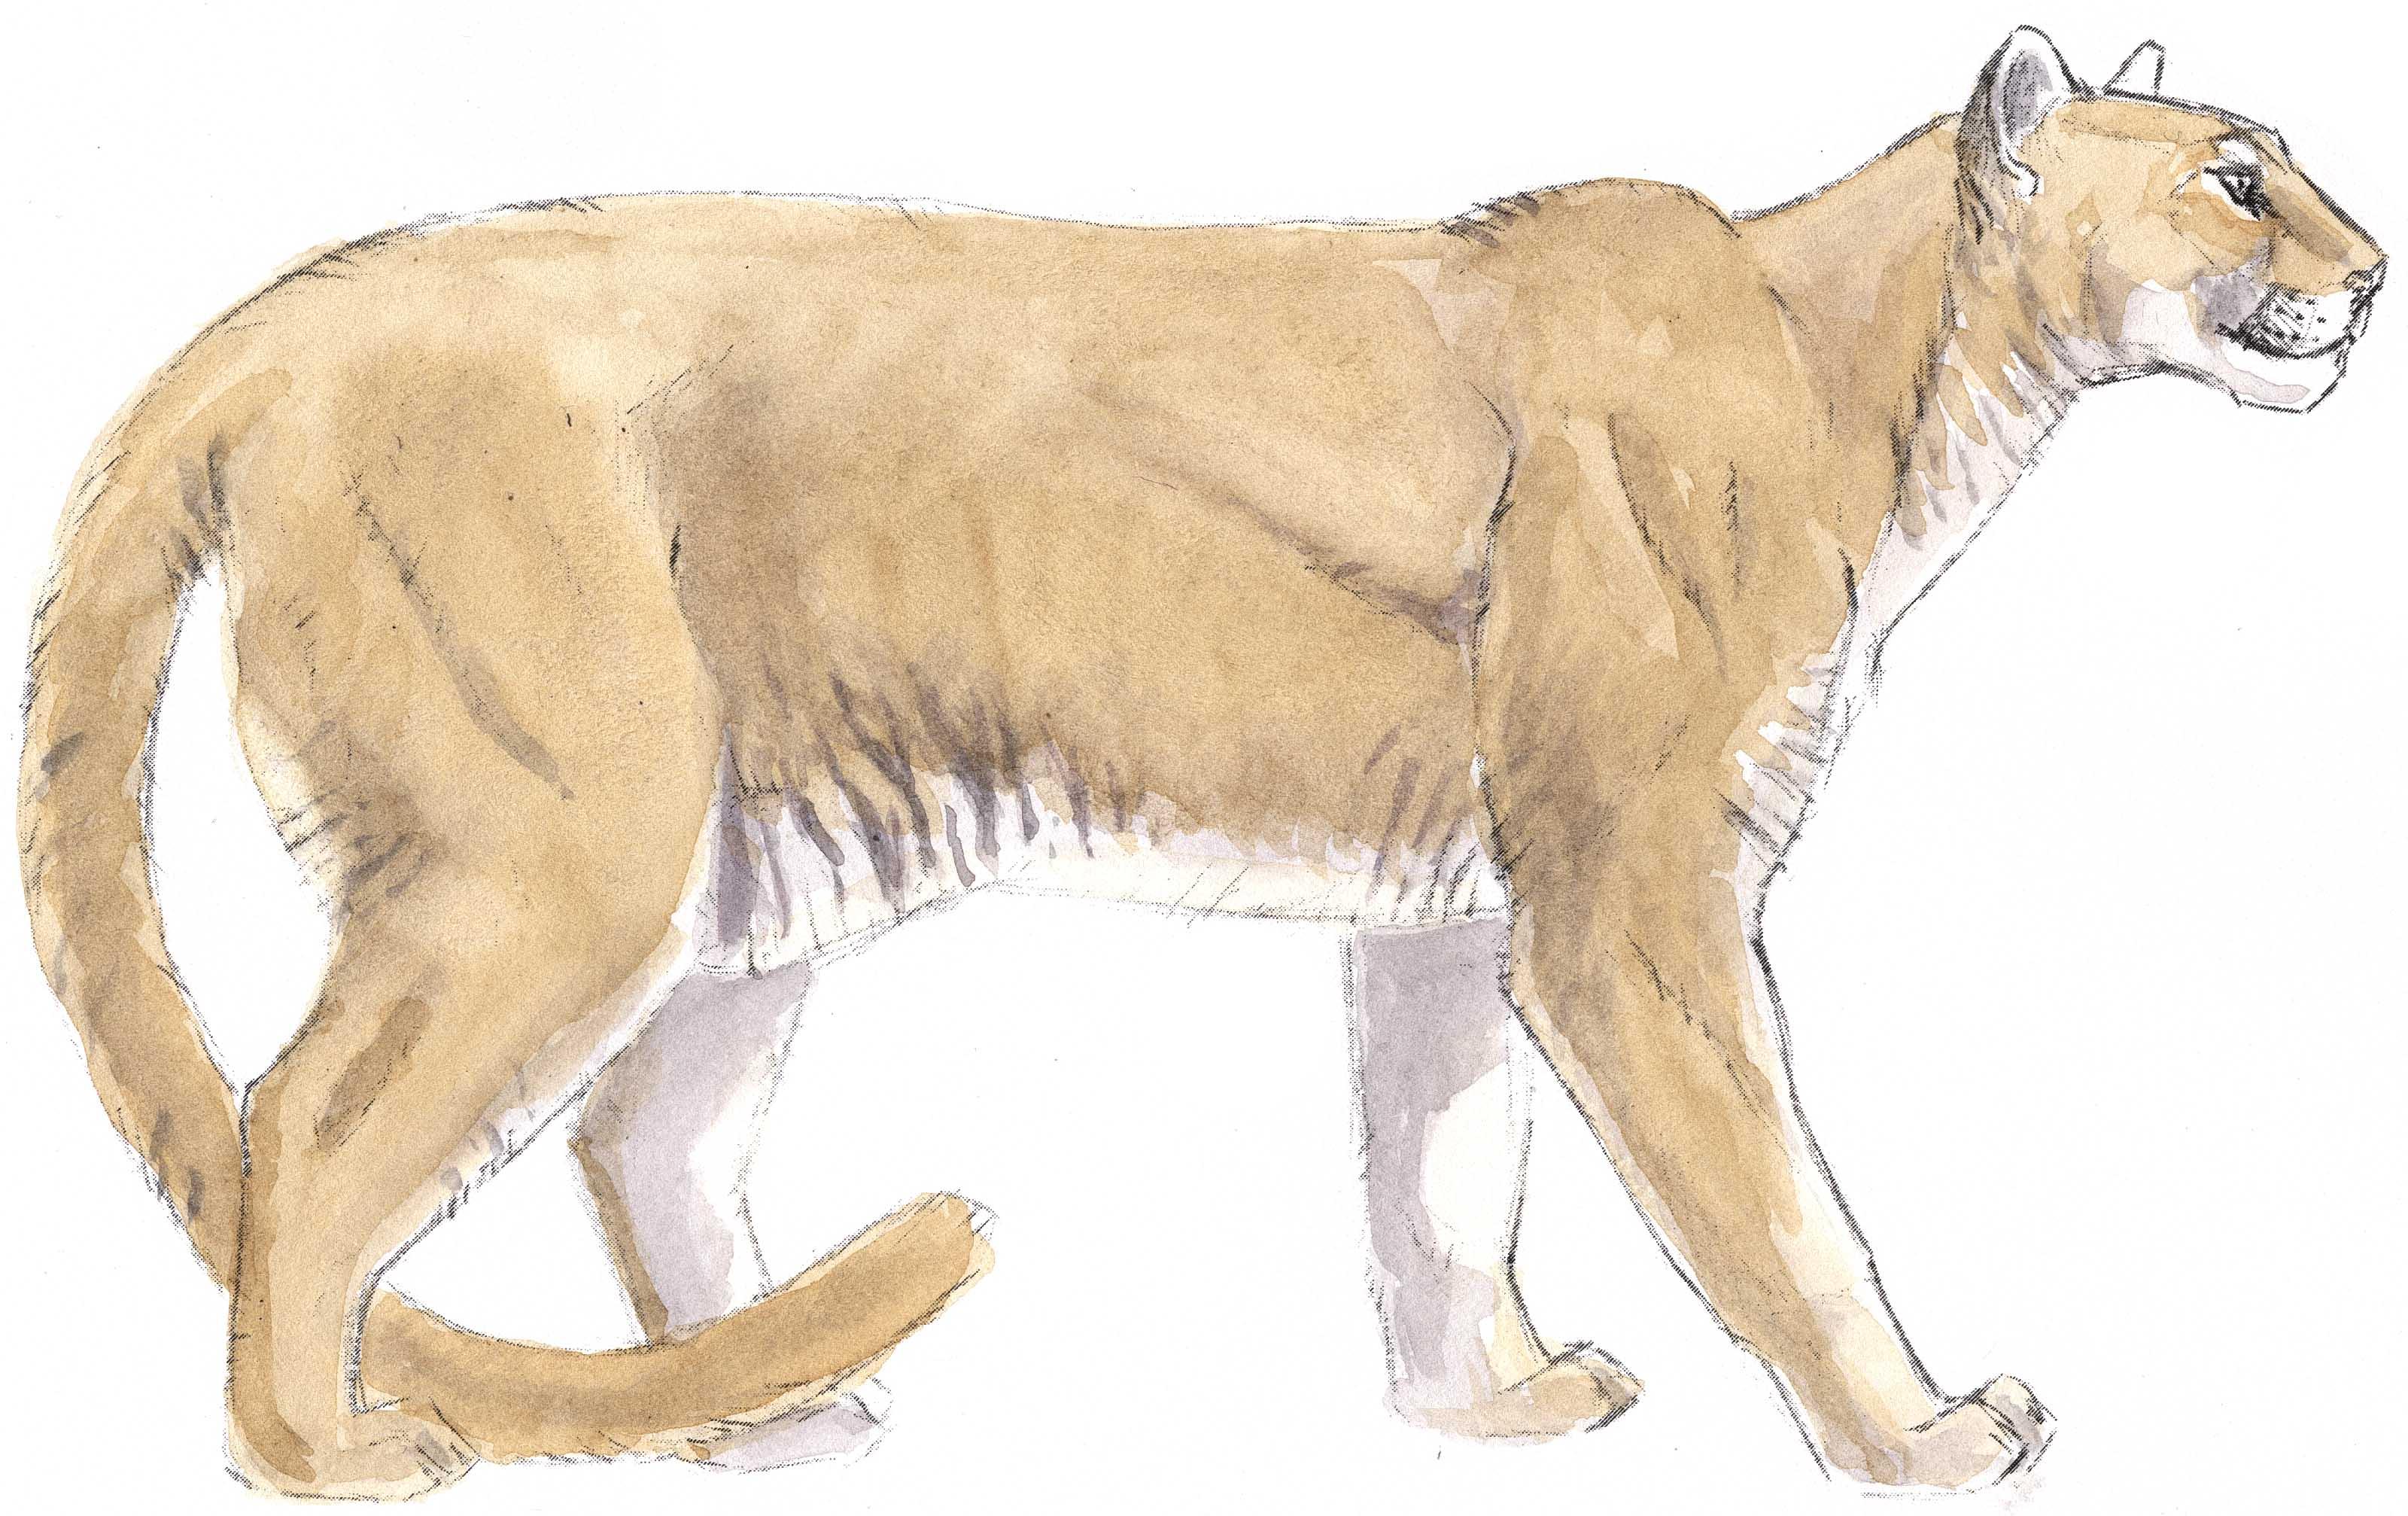 Gemtlich Lion Anatomy And Physiology Galerie Menschliche Anatomie